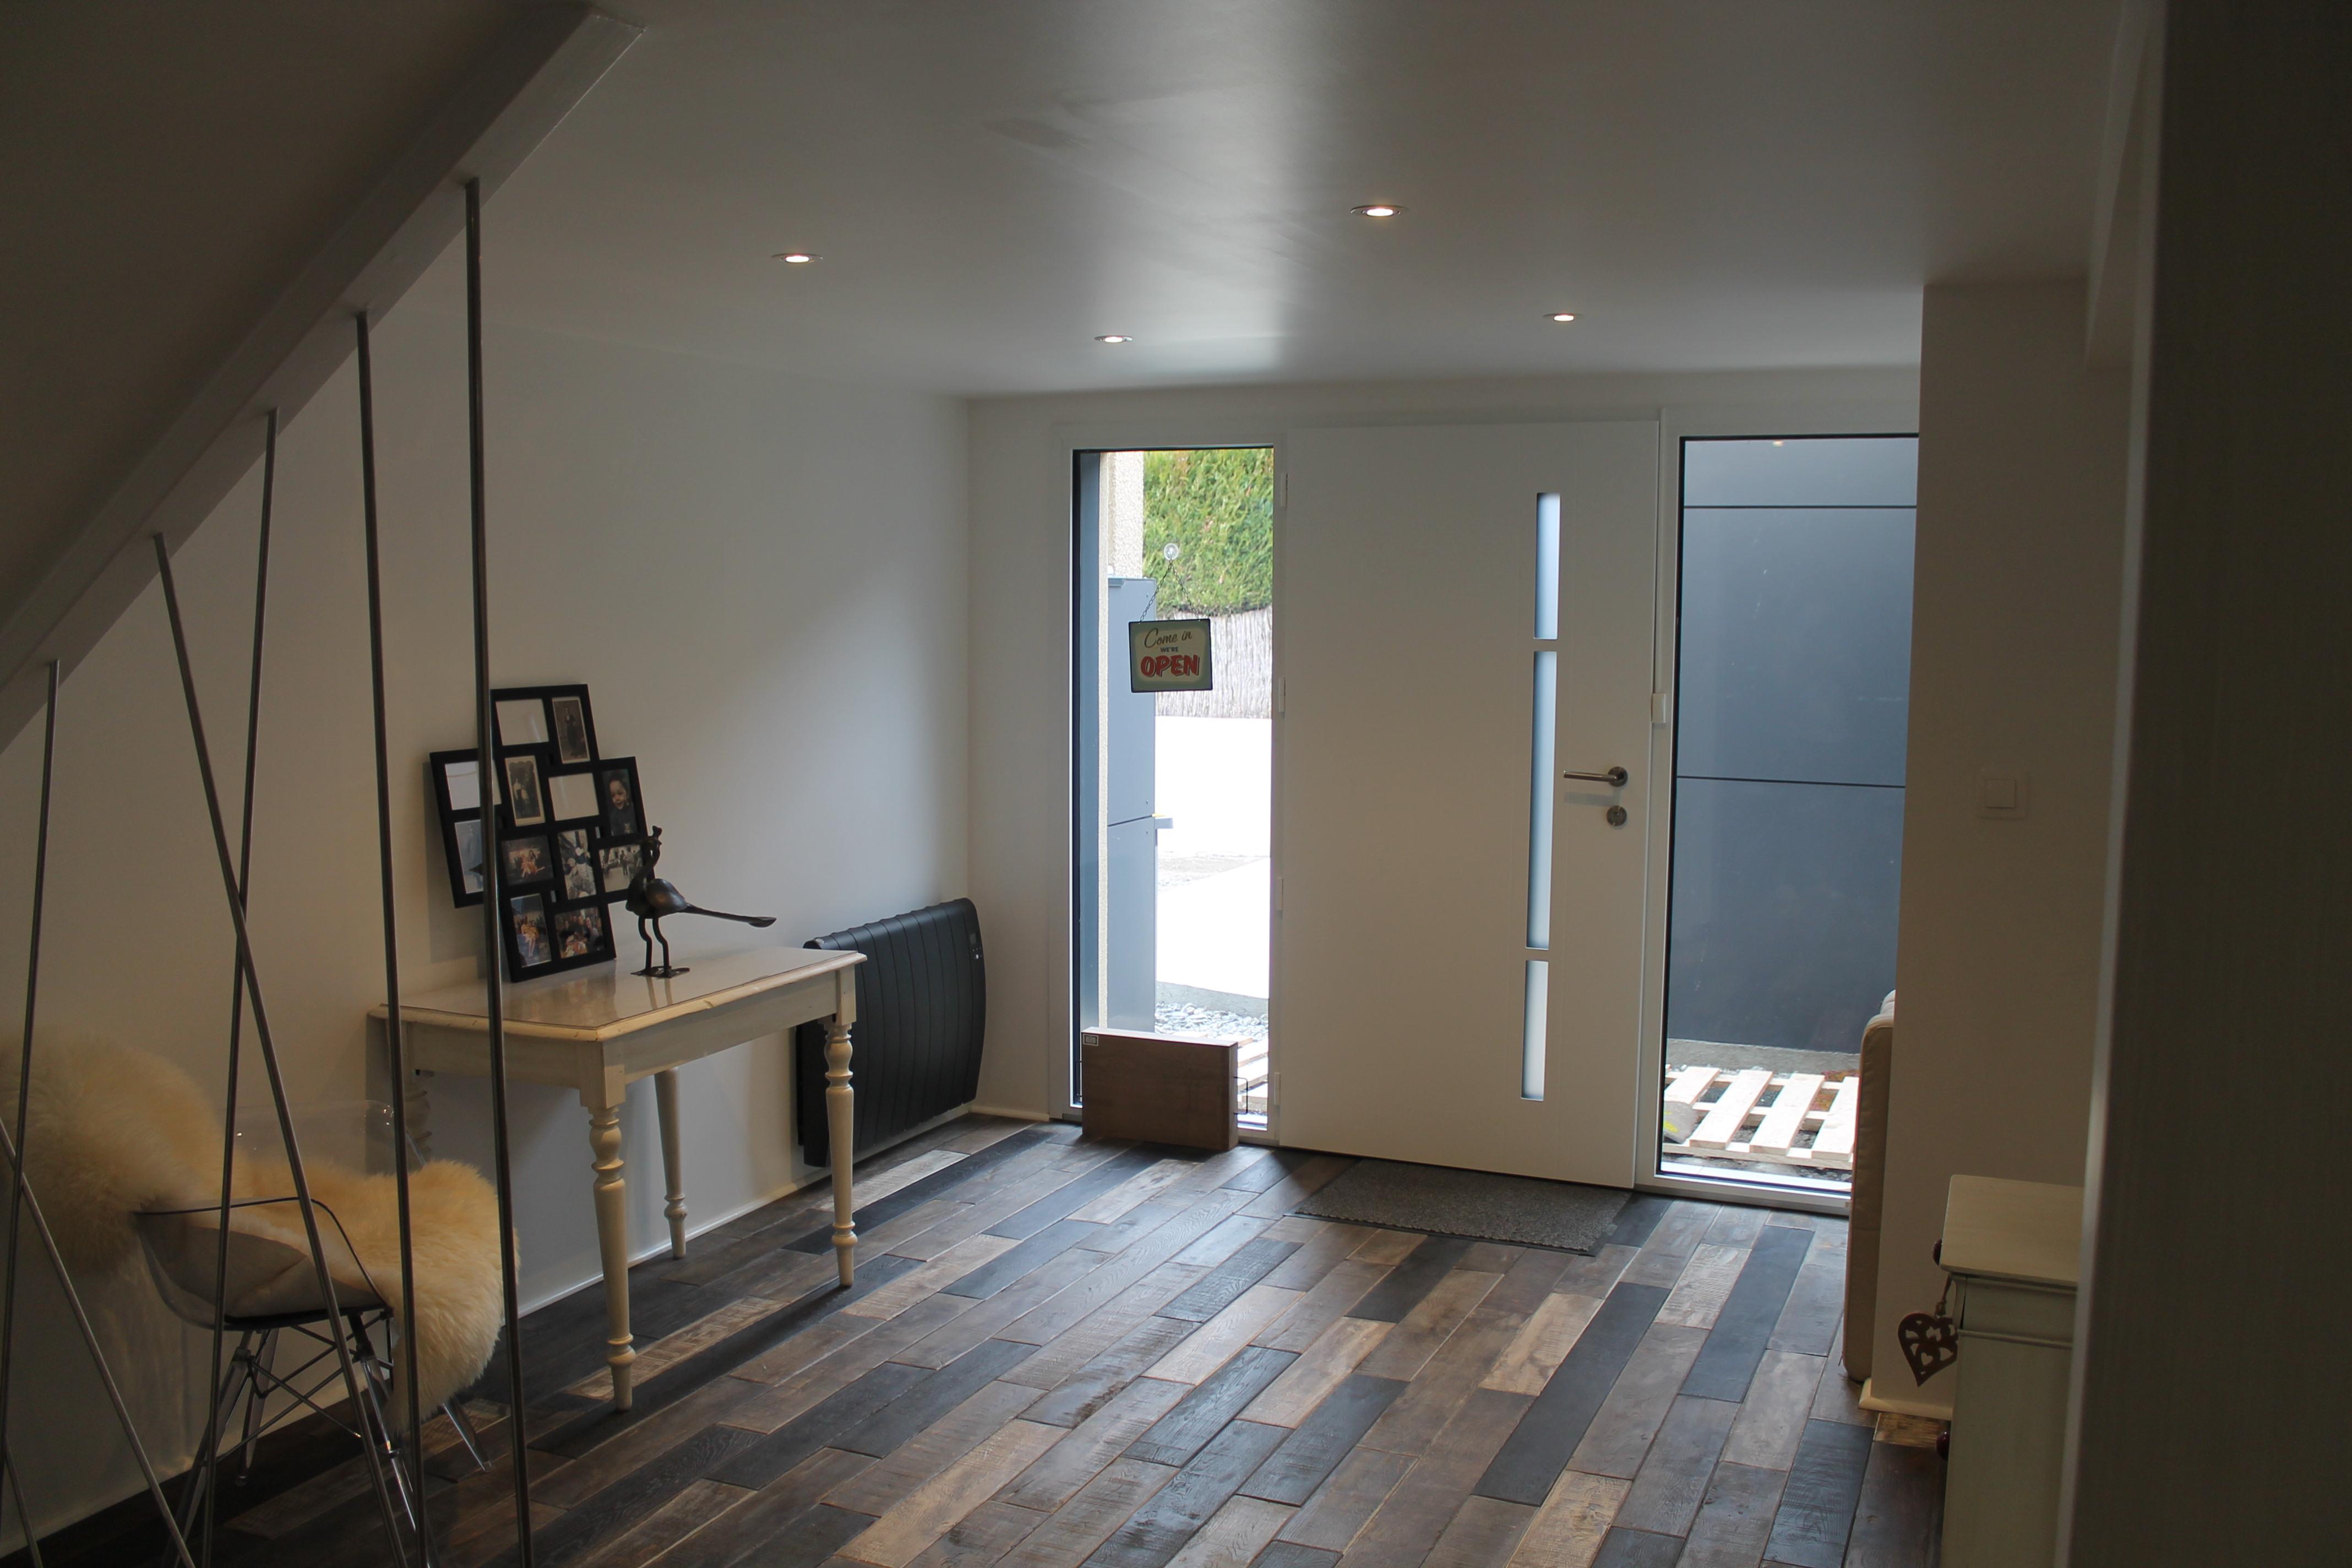 Vue interieur maisons caract re bois maison de r ve en - Interieur de maison de reve ...